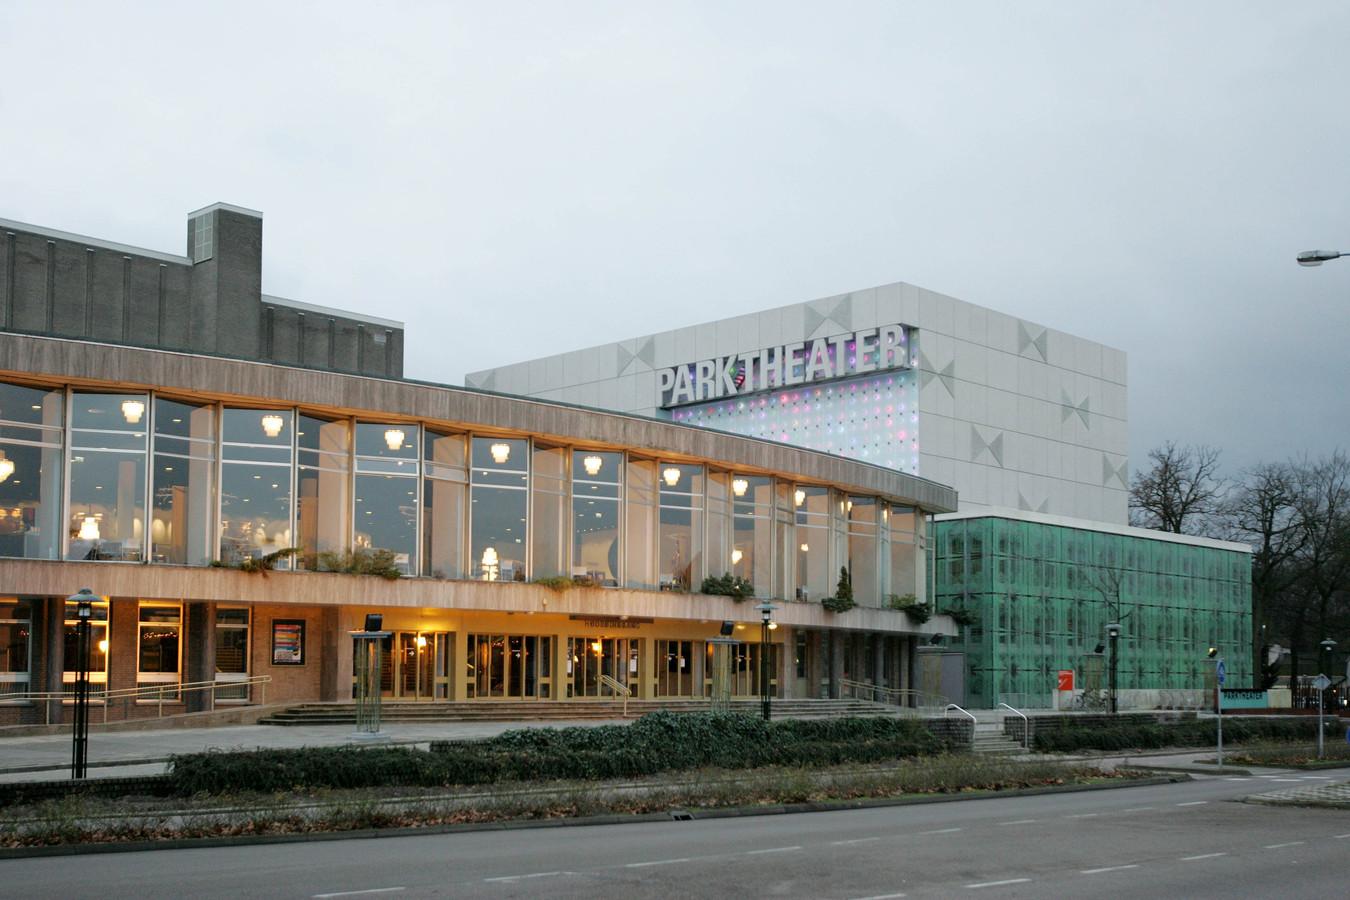 Het Parktheater is een van de gemeentelijke panden die zonnepanelen krijgen.